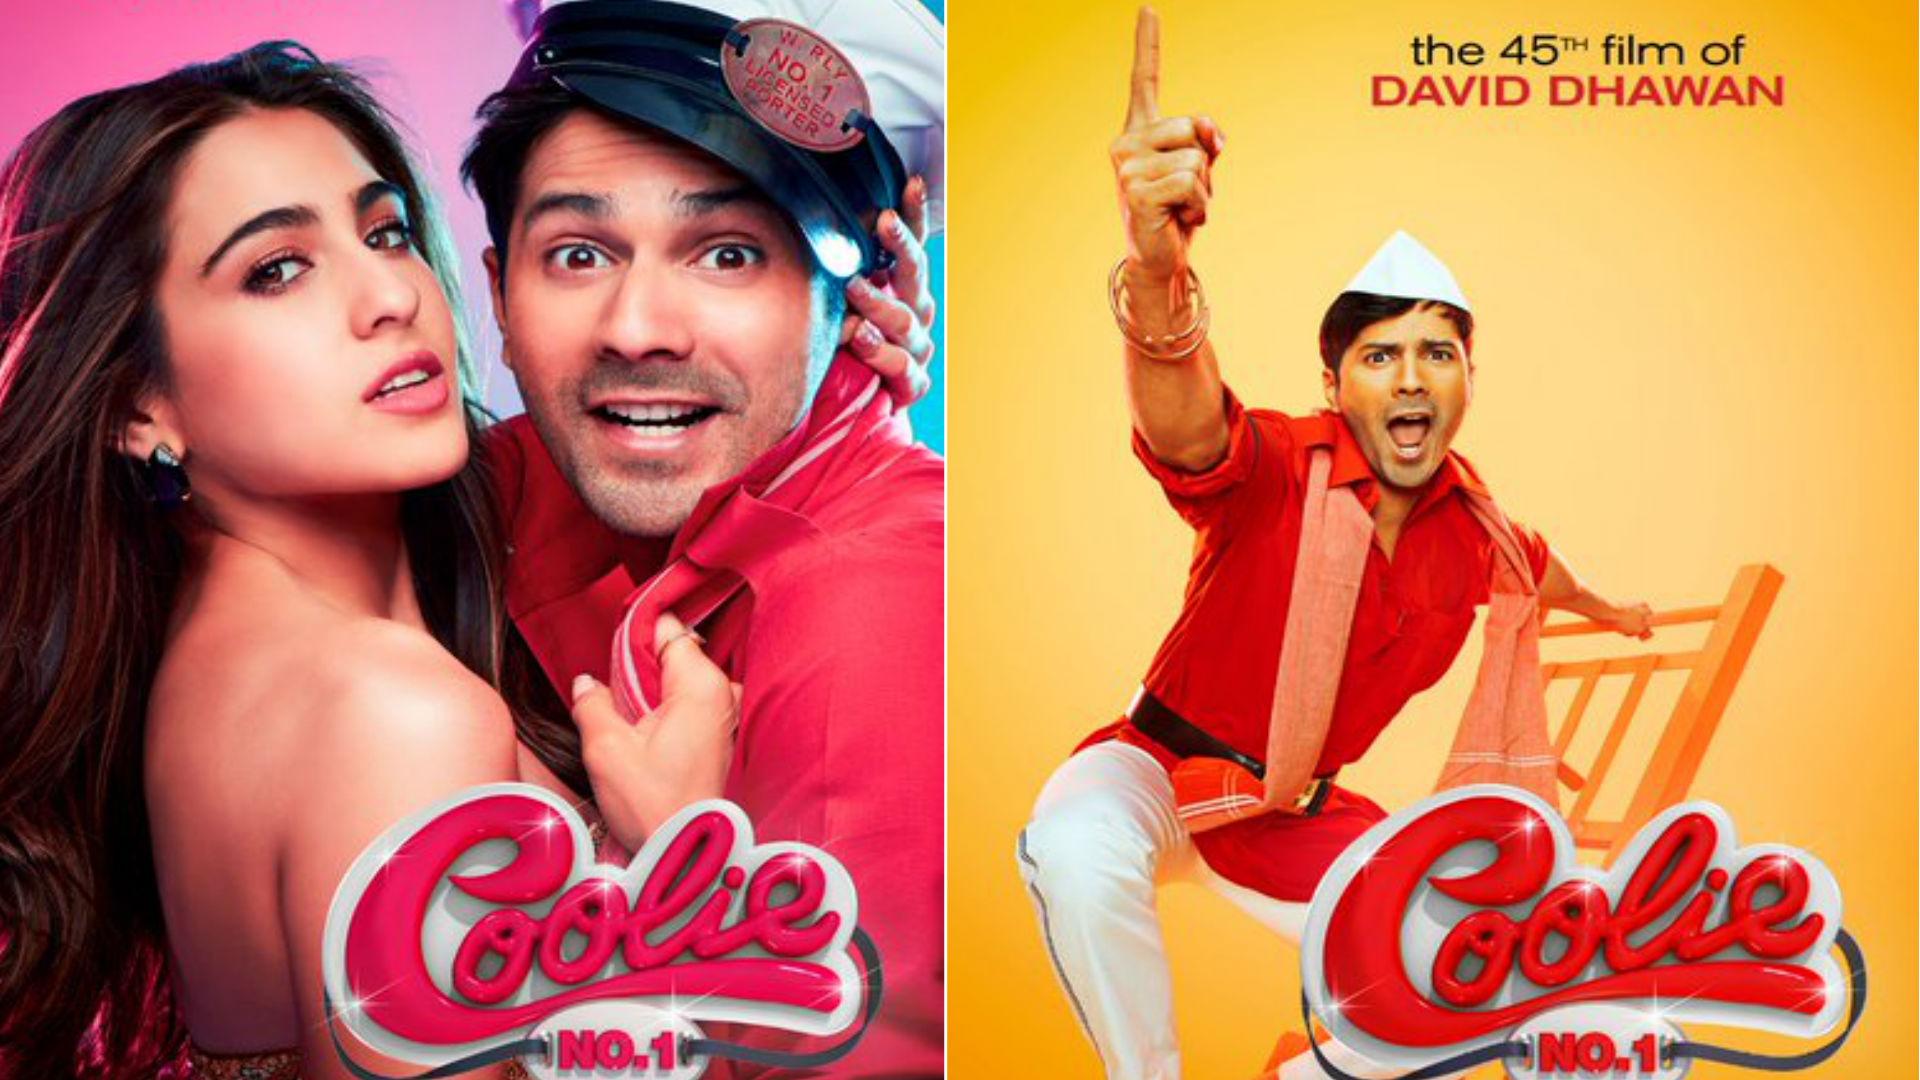 Coolie No 1 Movie: वरुण धवन-सारा अली खान की फिल्म के 3 पोस्टर आउट, डेविड धवन ने बताई रिलीज डेट